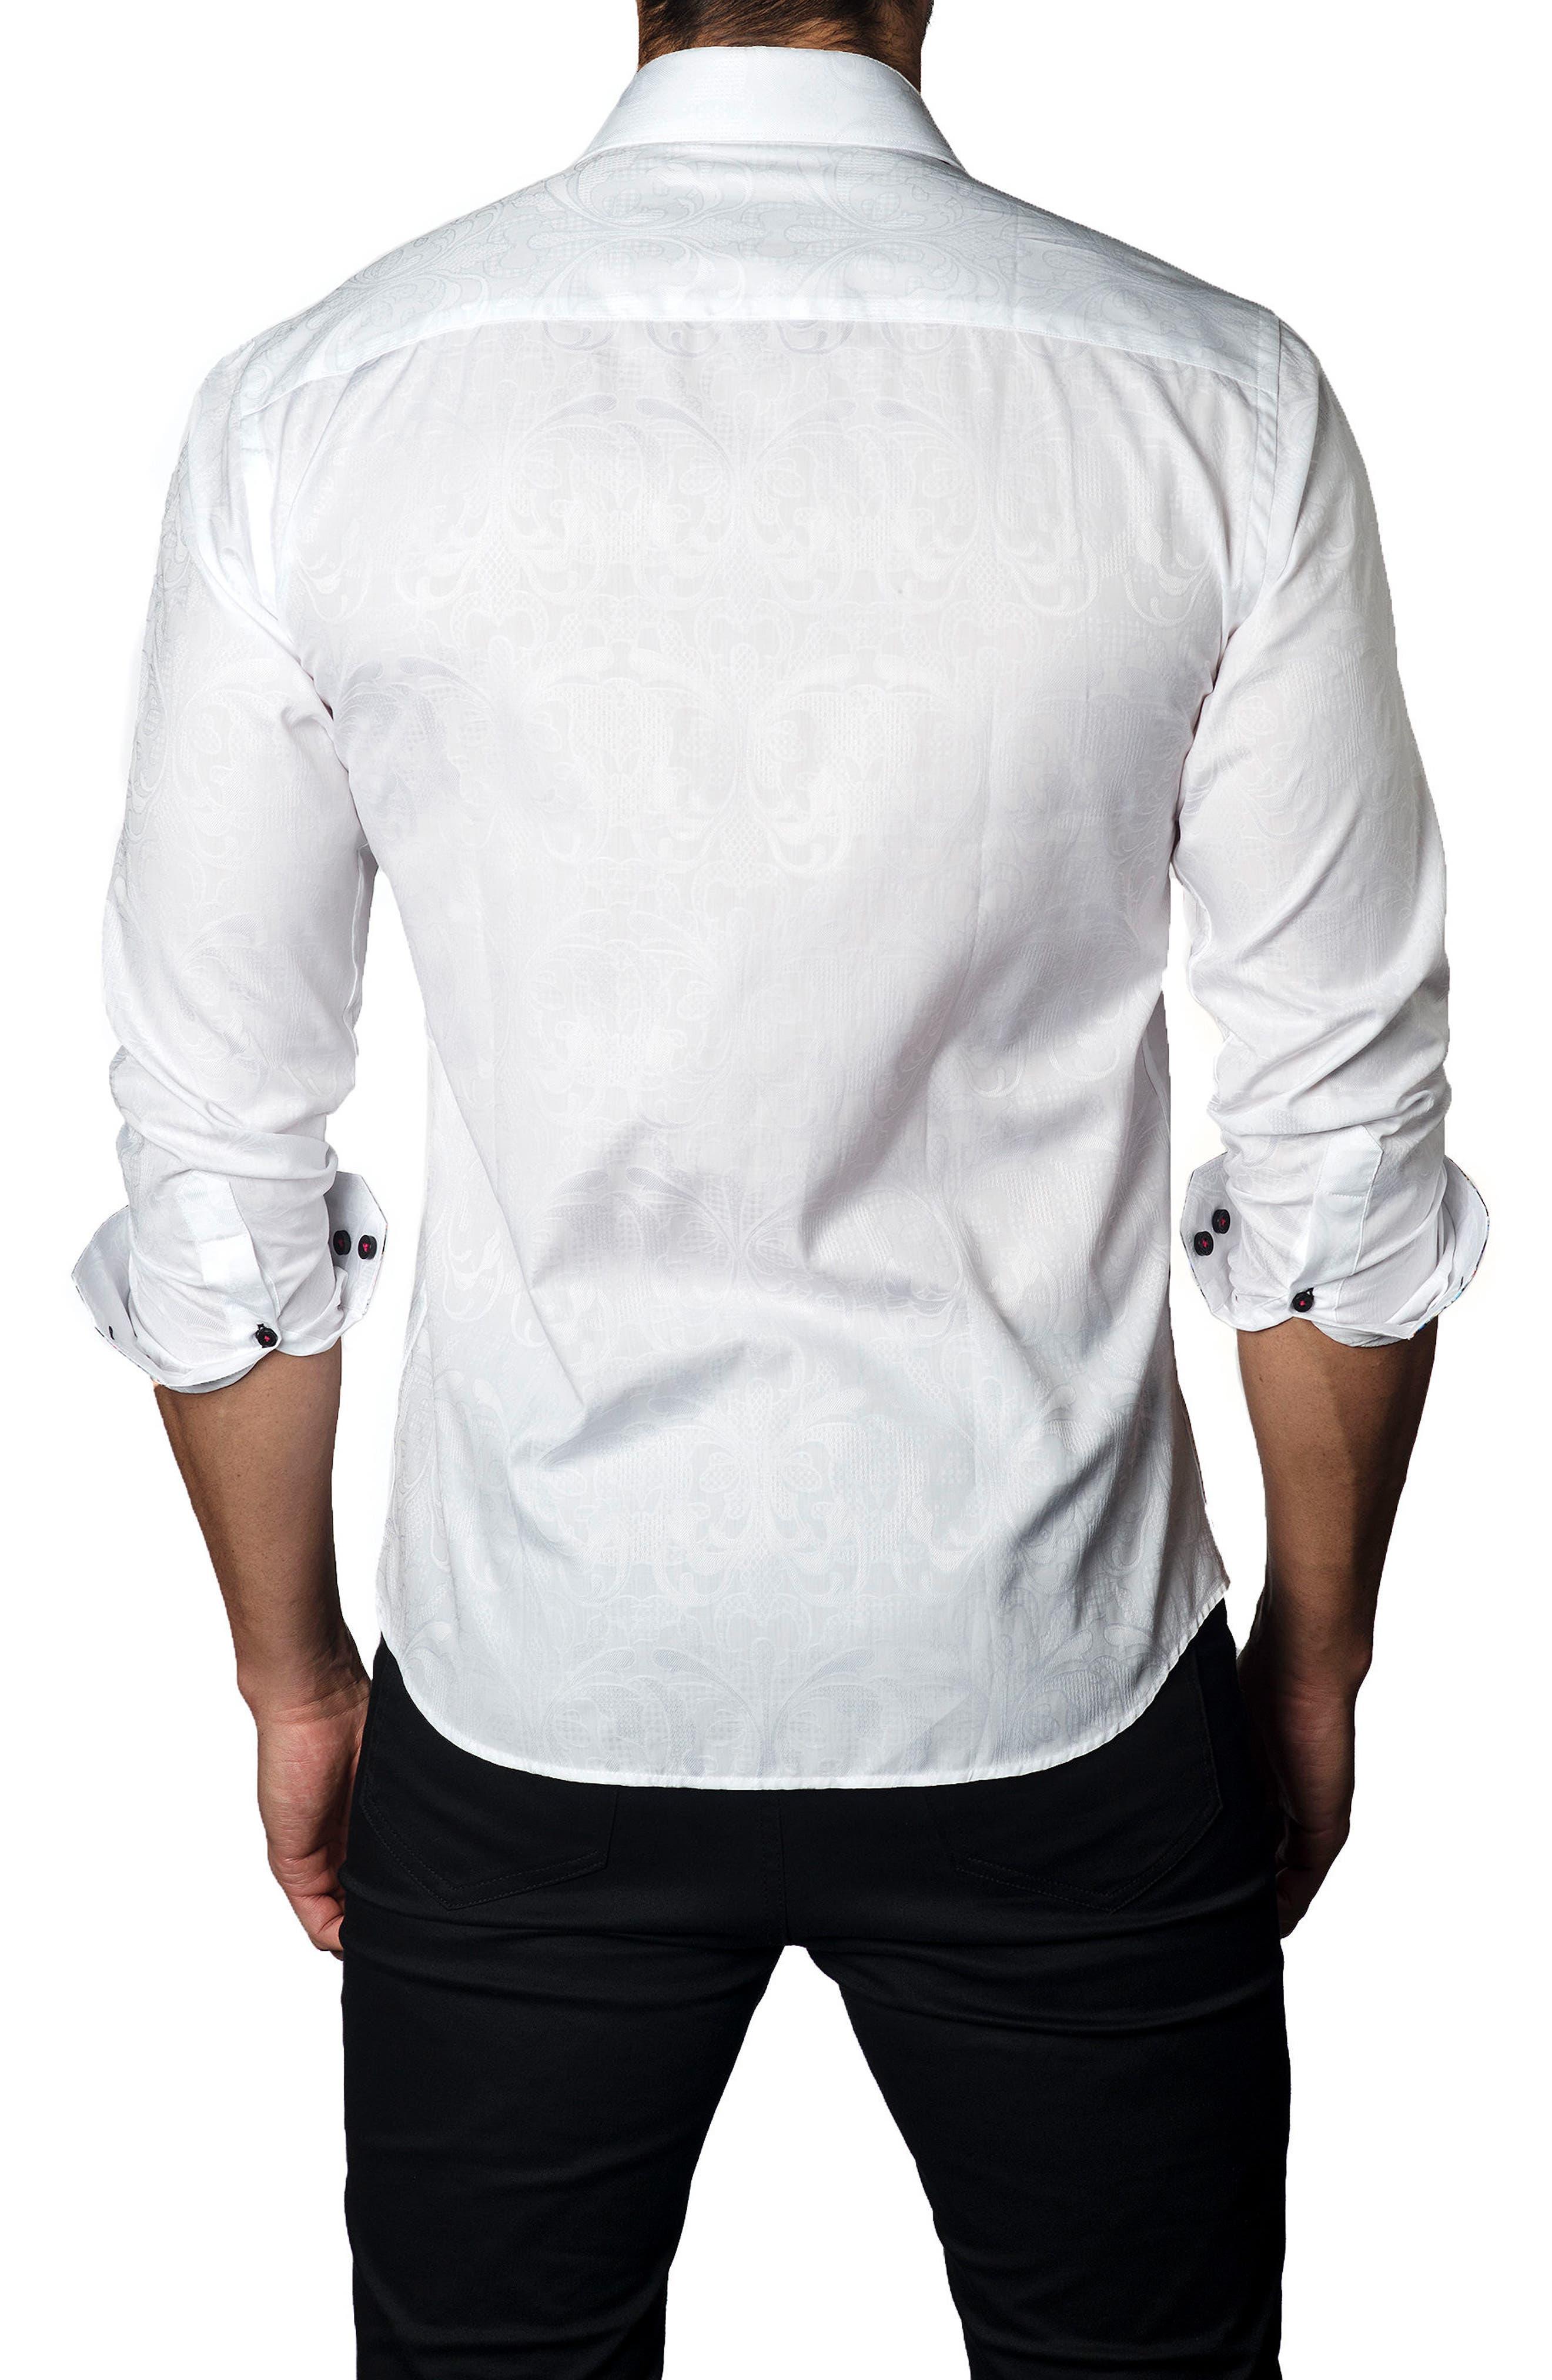 Trim Fit Jacquard Sport Shirt,                             Alternate thumbnail 2, color,                             White Jacquard